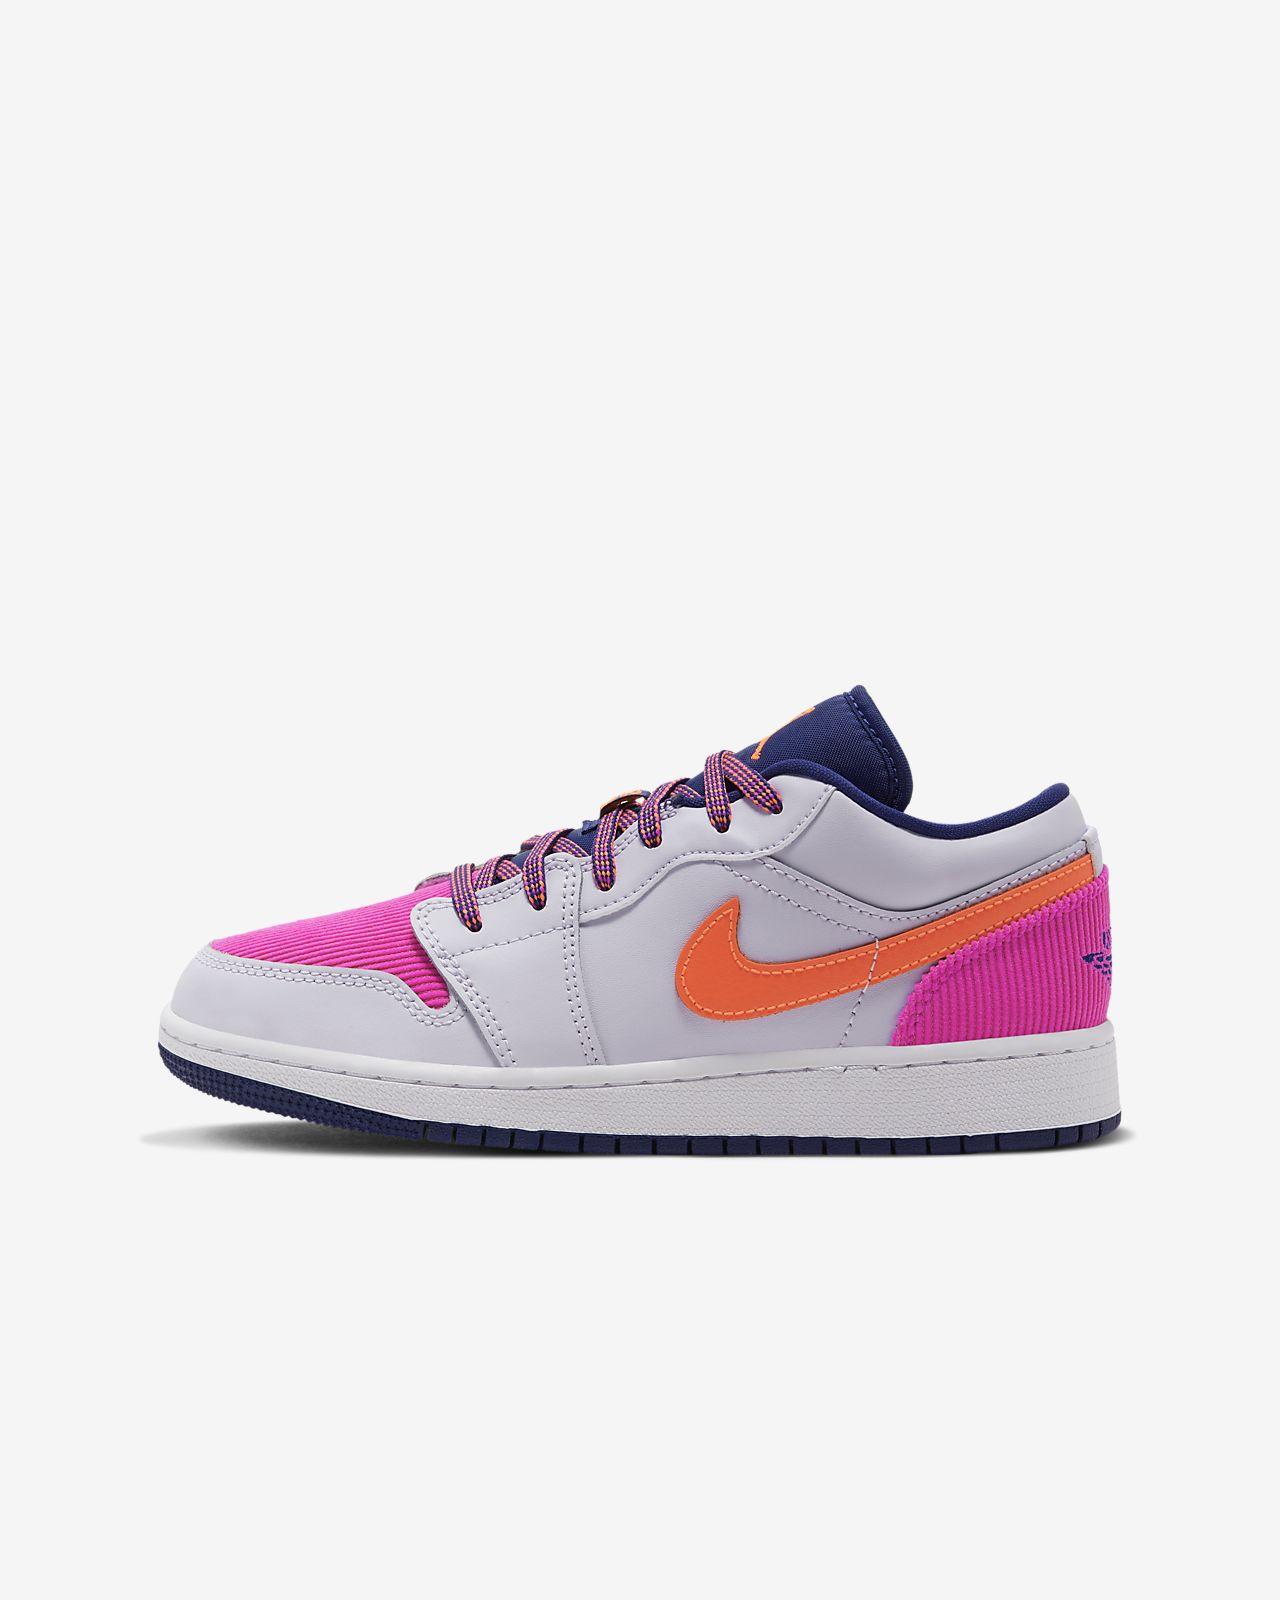 Royal purple air max | Purple sneakers, Jordan shoes girls